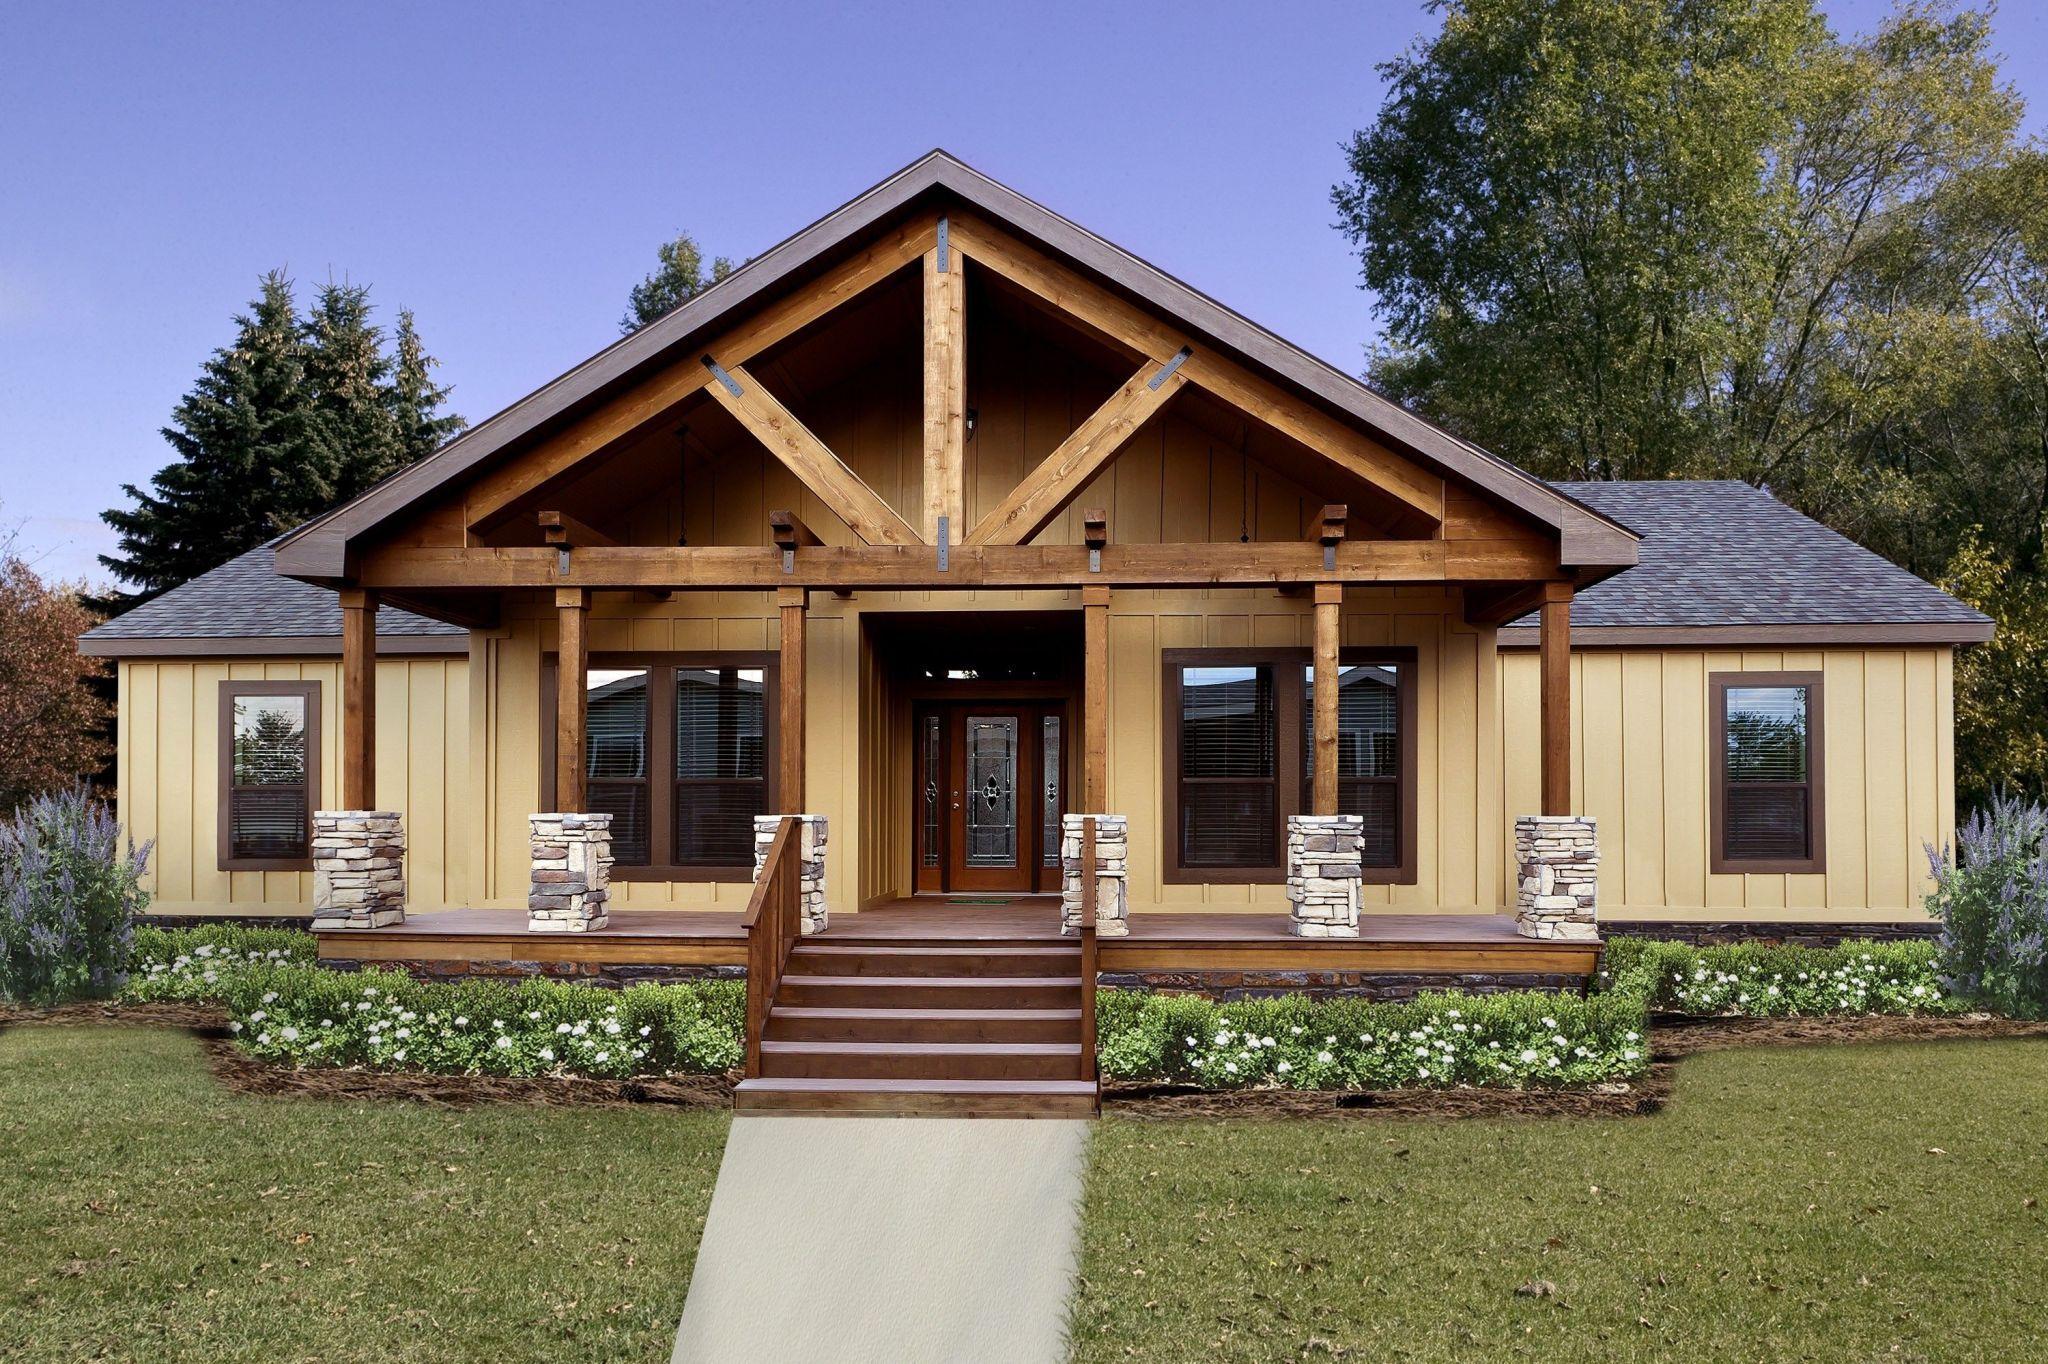 Modular Log Homes Floor Plans Check more at o 6359 modular log homes flo